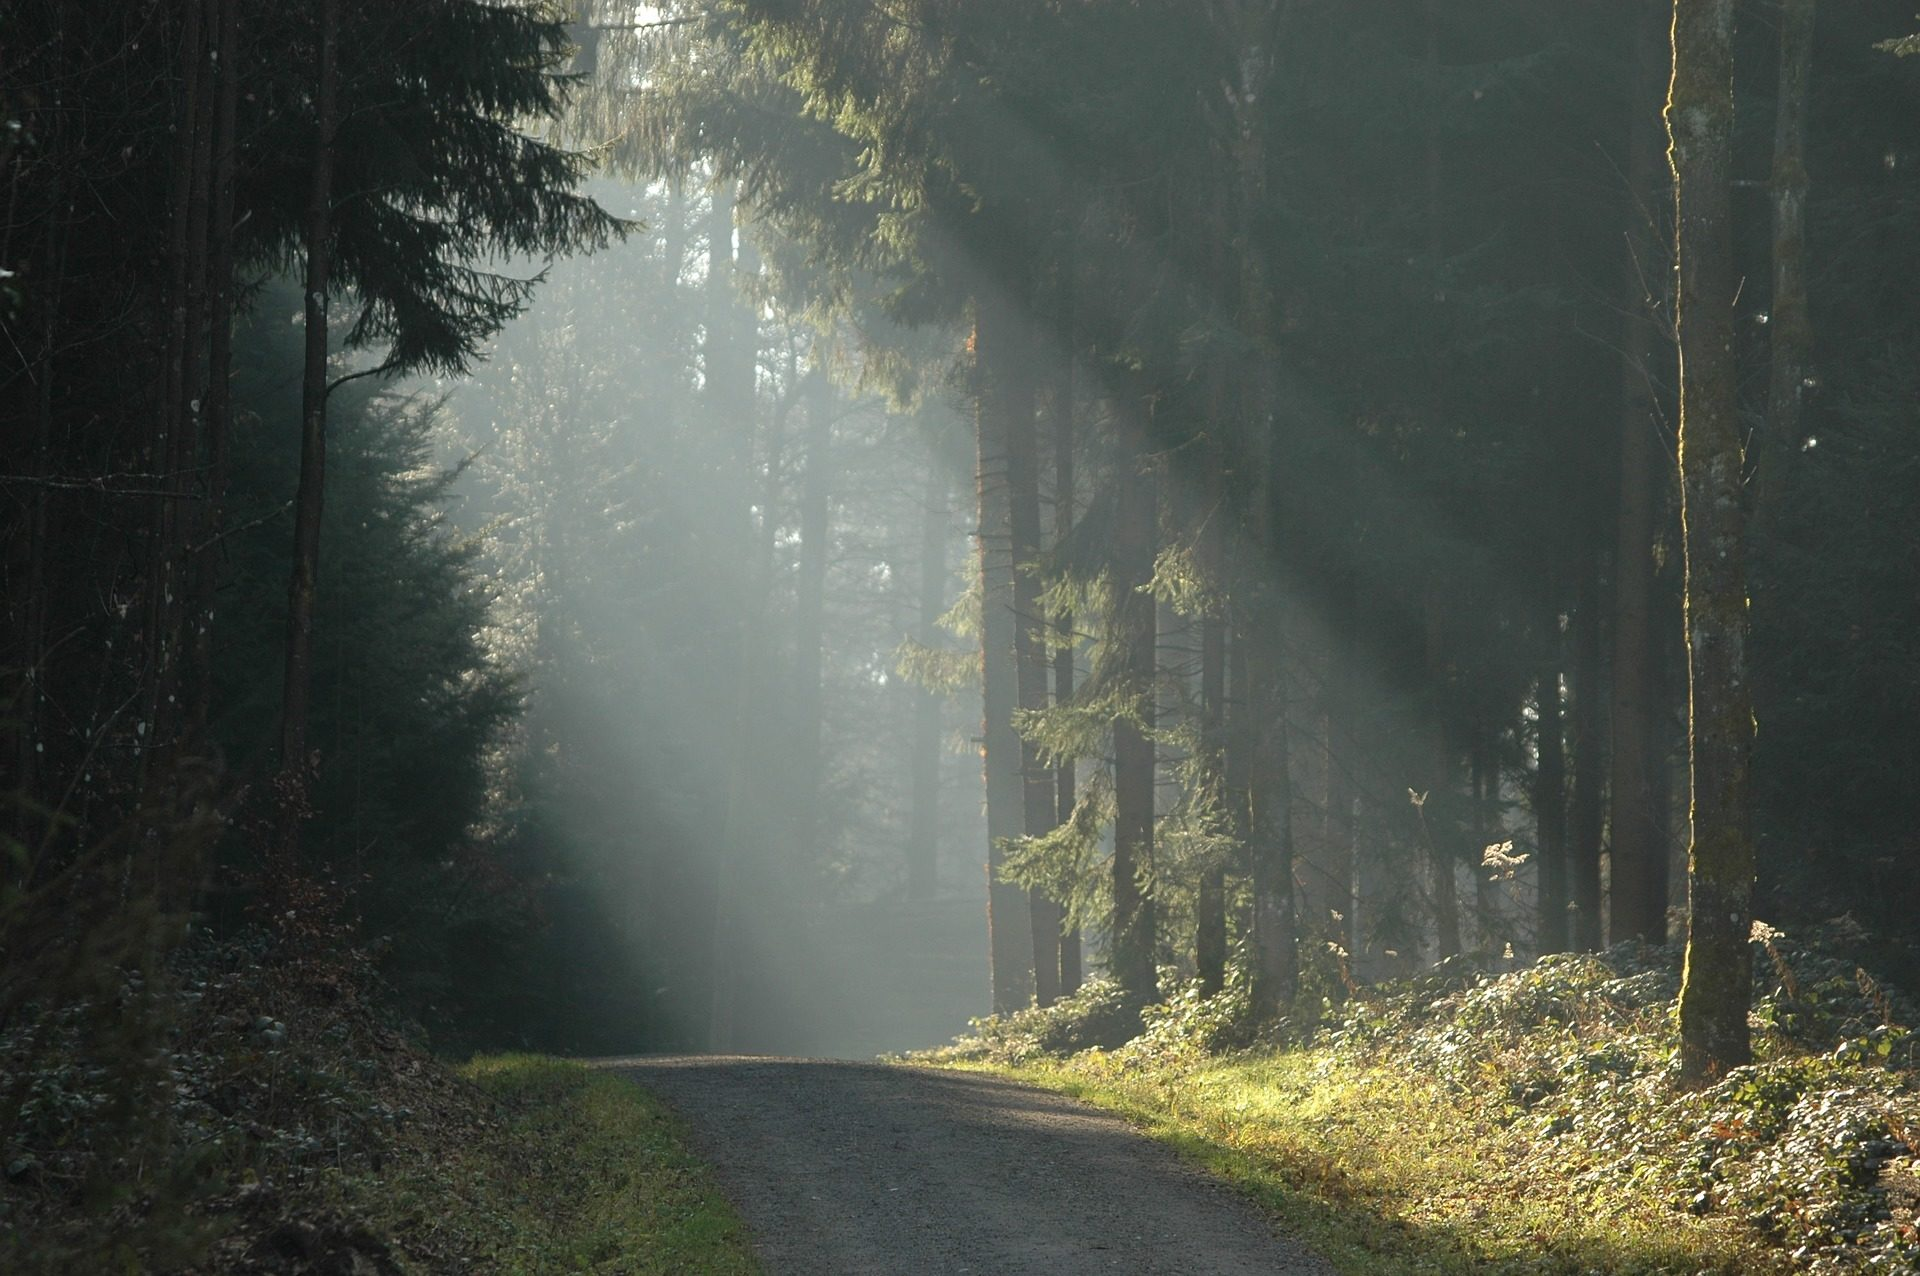 floresta, Estrada, árvores, É claro, luz, Raios - Papéis de parede HD - Professor-falken.com